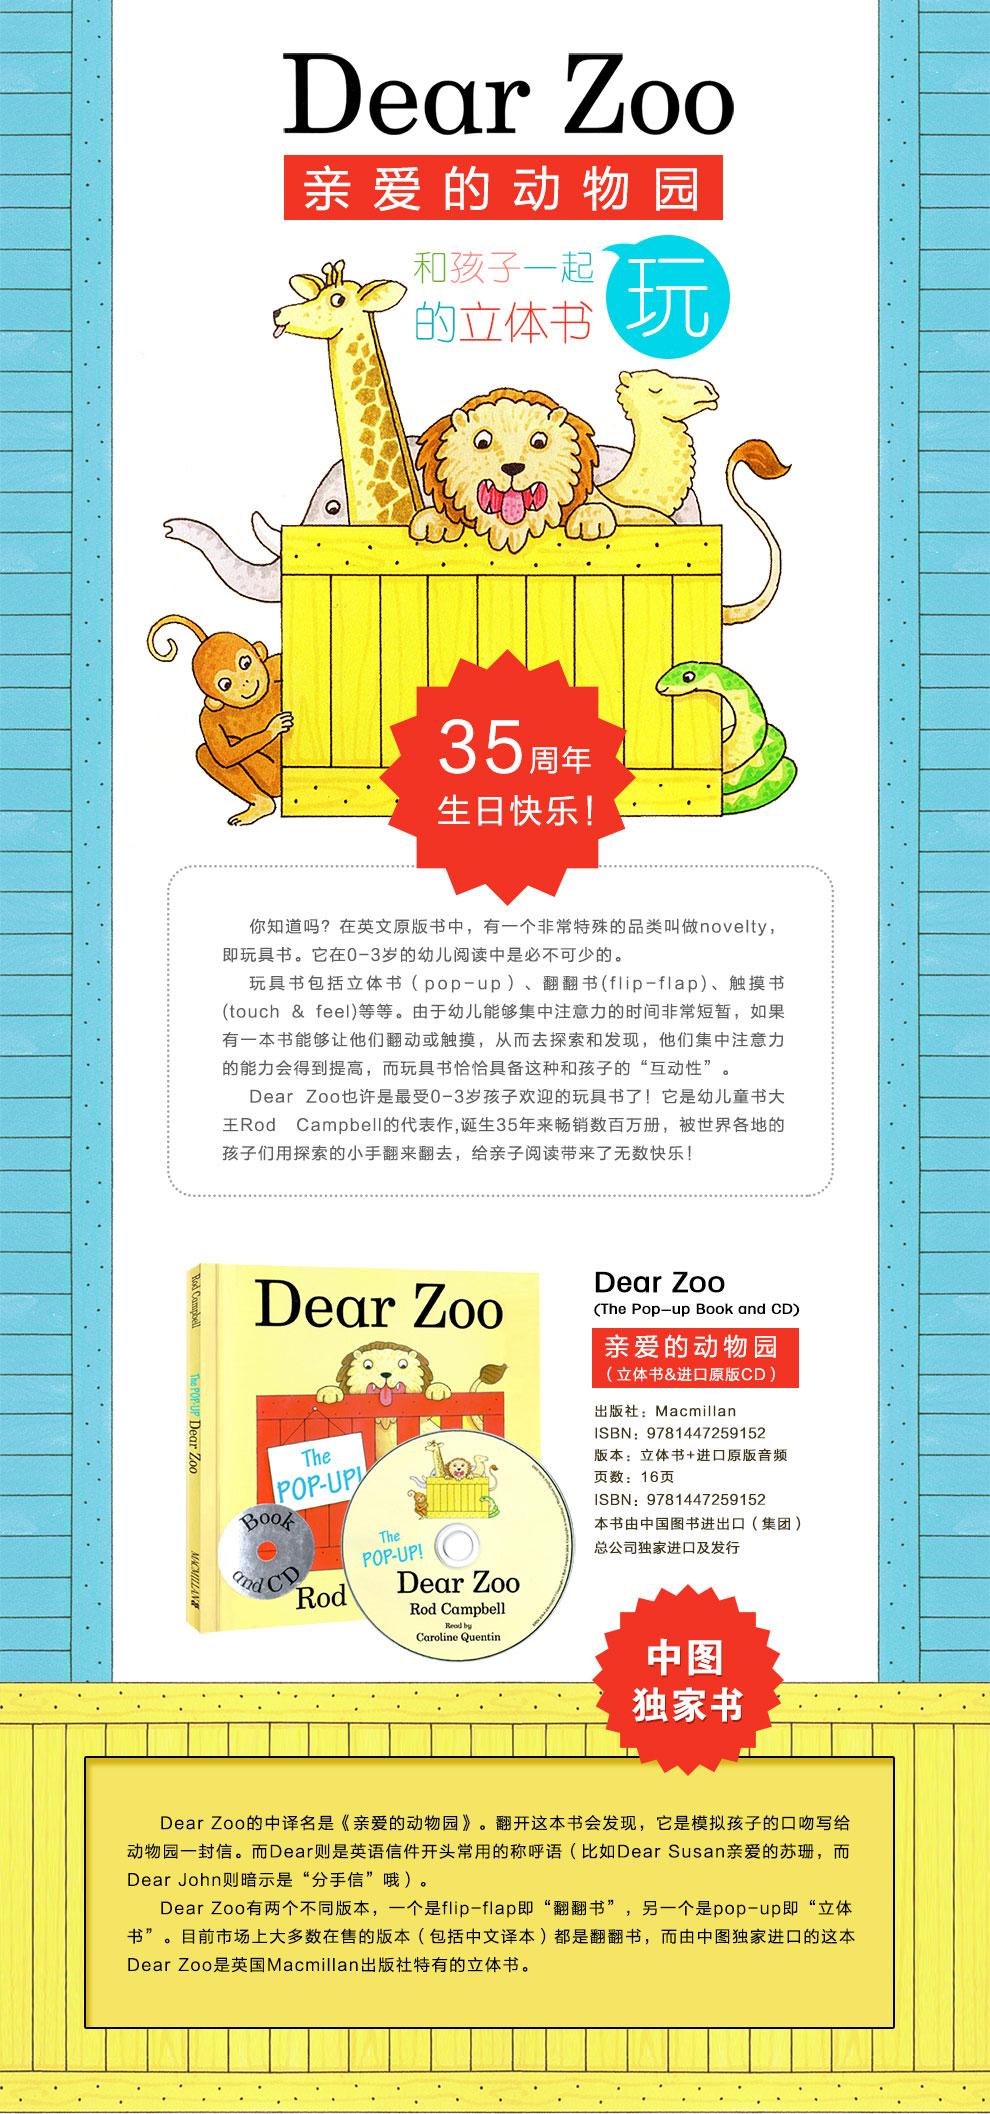 亲爱的动物园(立体书 进口原版cd)the pop-up dear zoo【中图独家书】